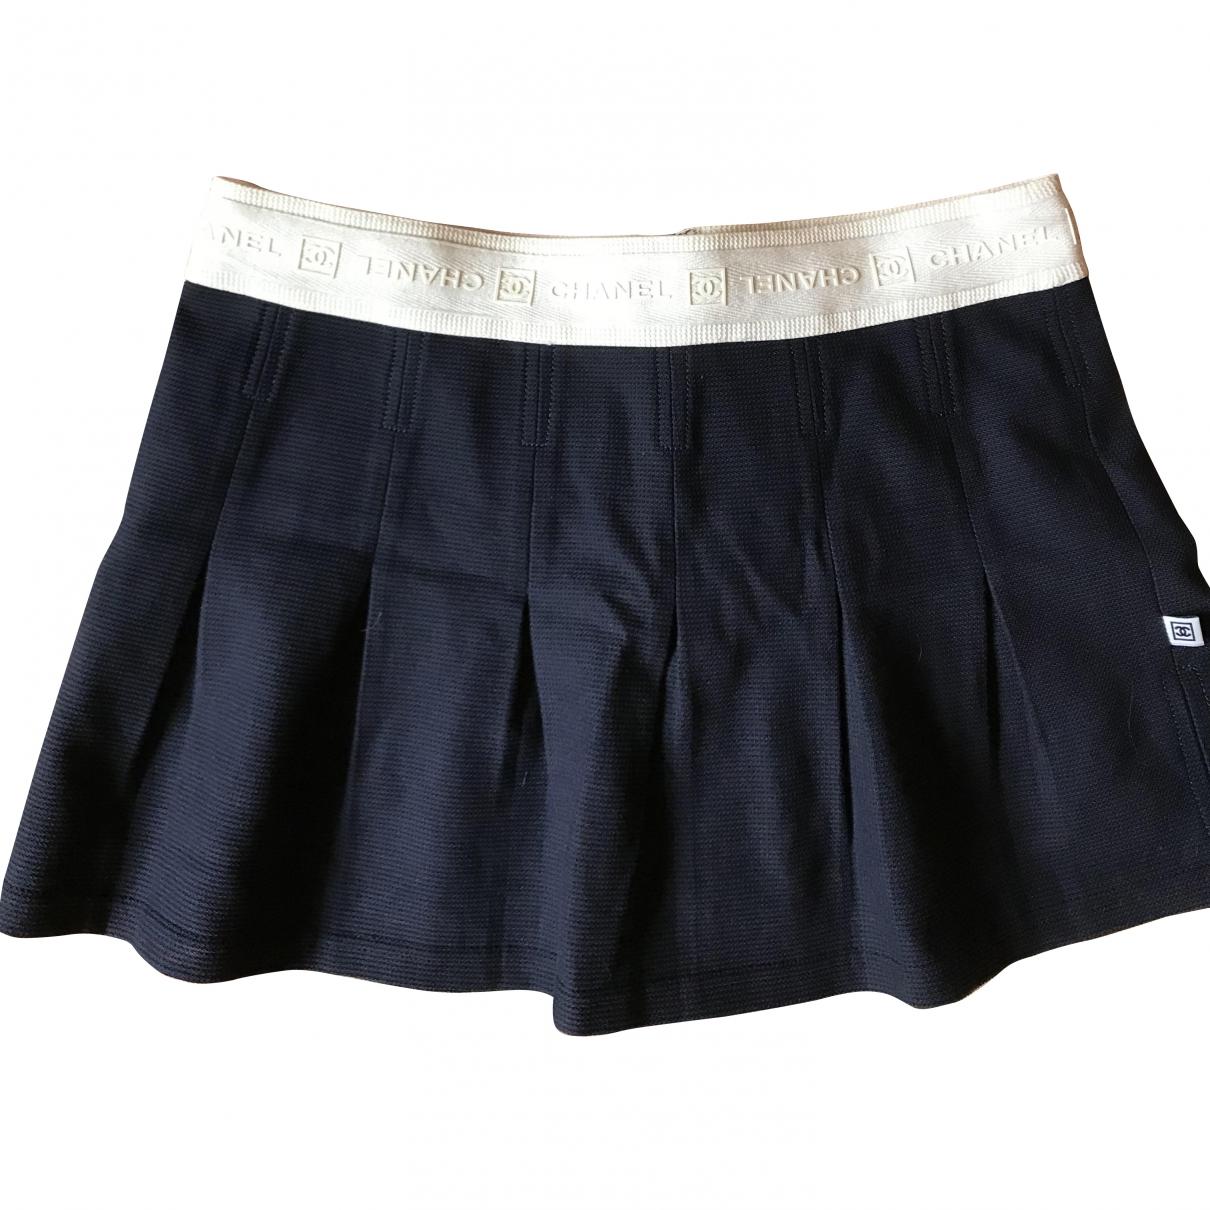 Chanel \N Blue Cotton skirt for Women S International